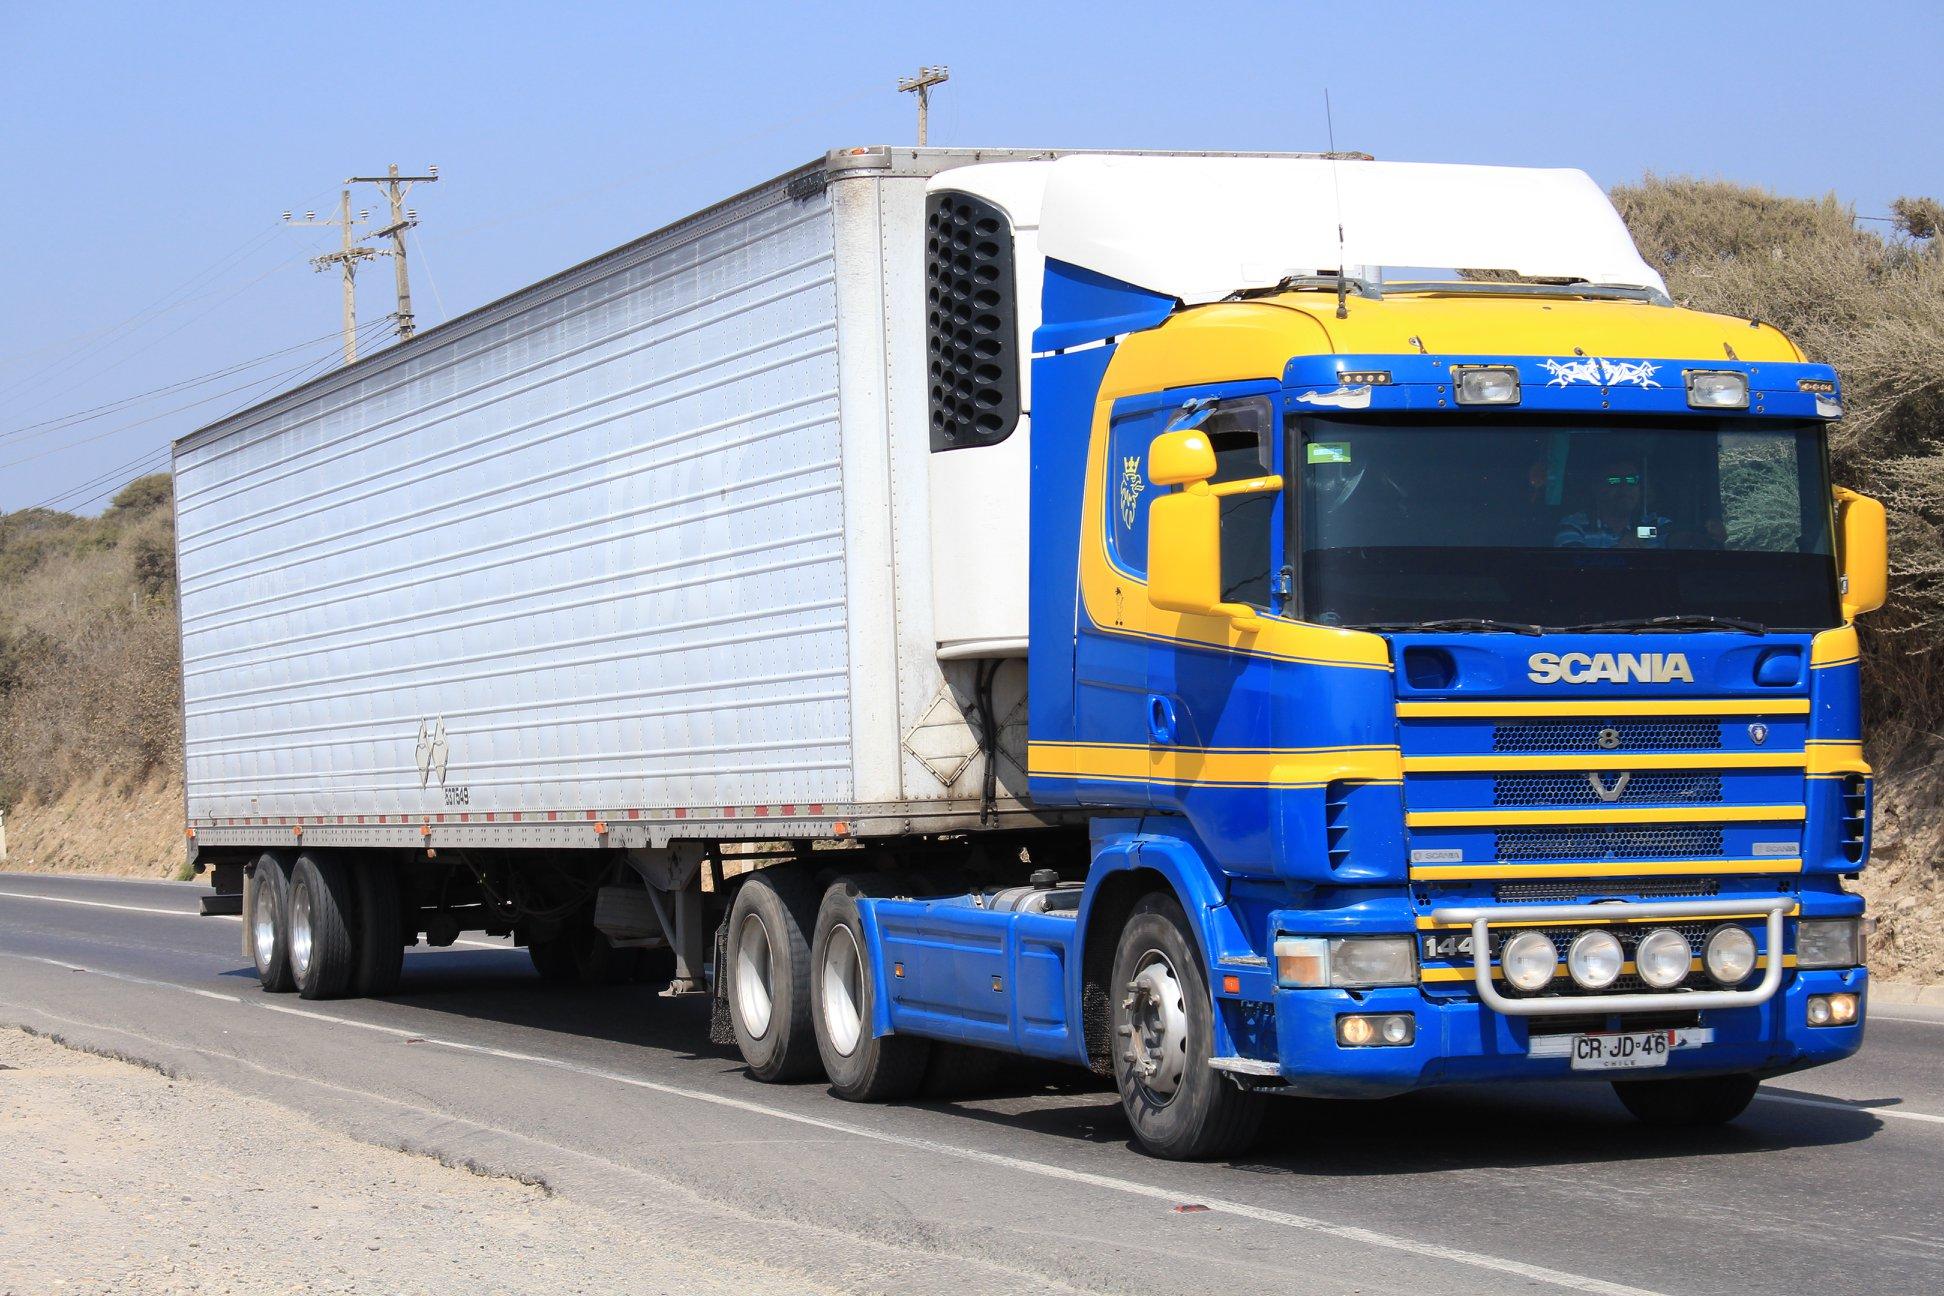 Truck_pics_mix-52